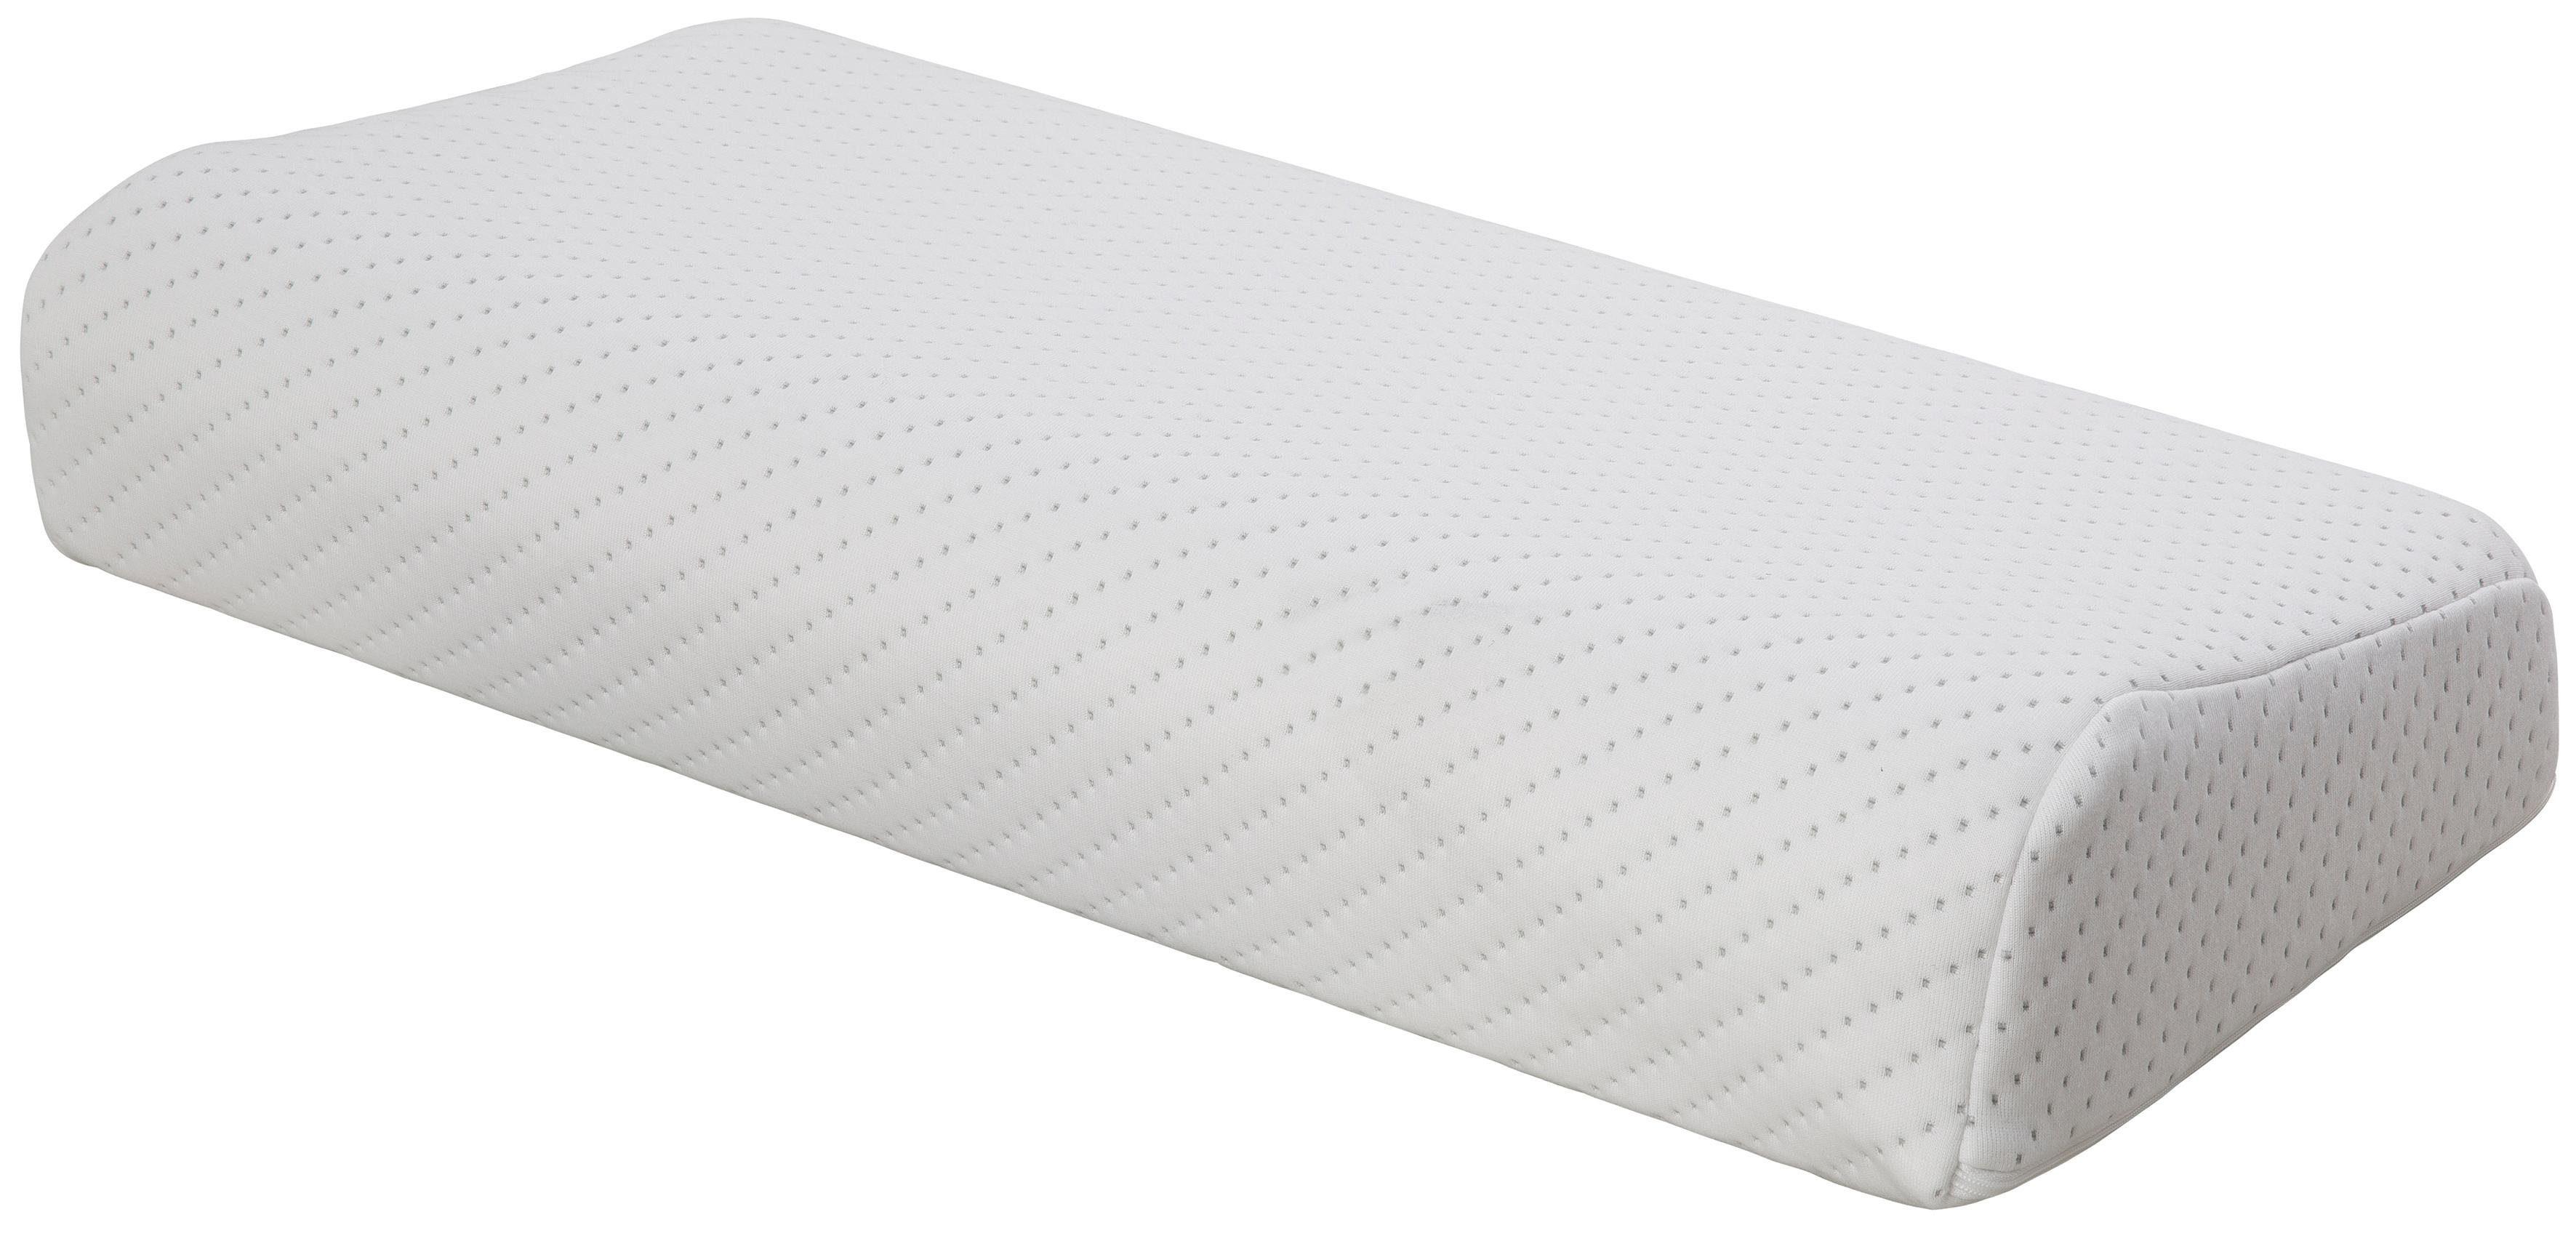 Nackenstützkissen, »Vario Soft«, BeCo - Höhen- und Härteverstellbares Nackenkissen, mit Gelschaum, Bezug abnehmbar